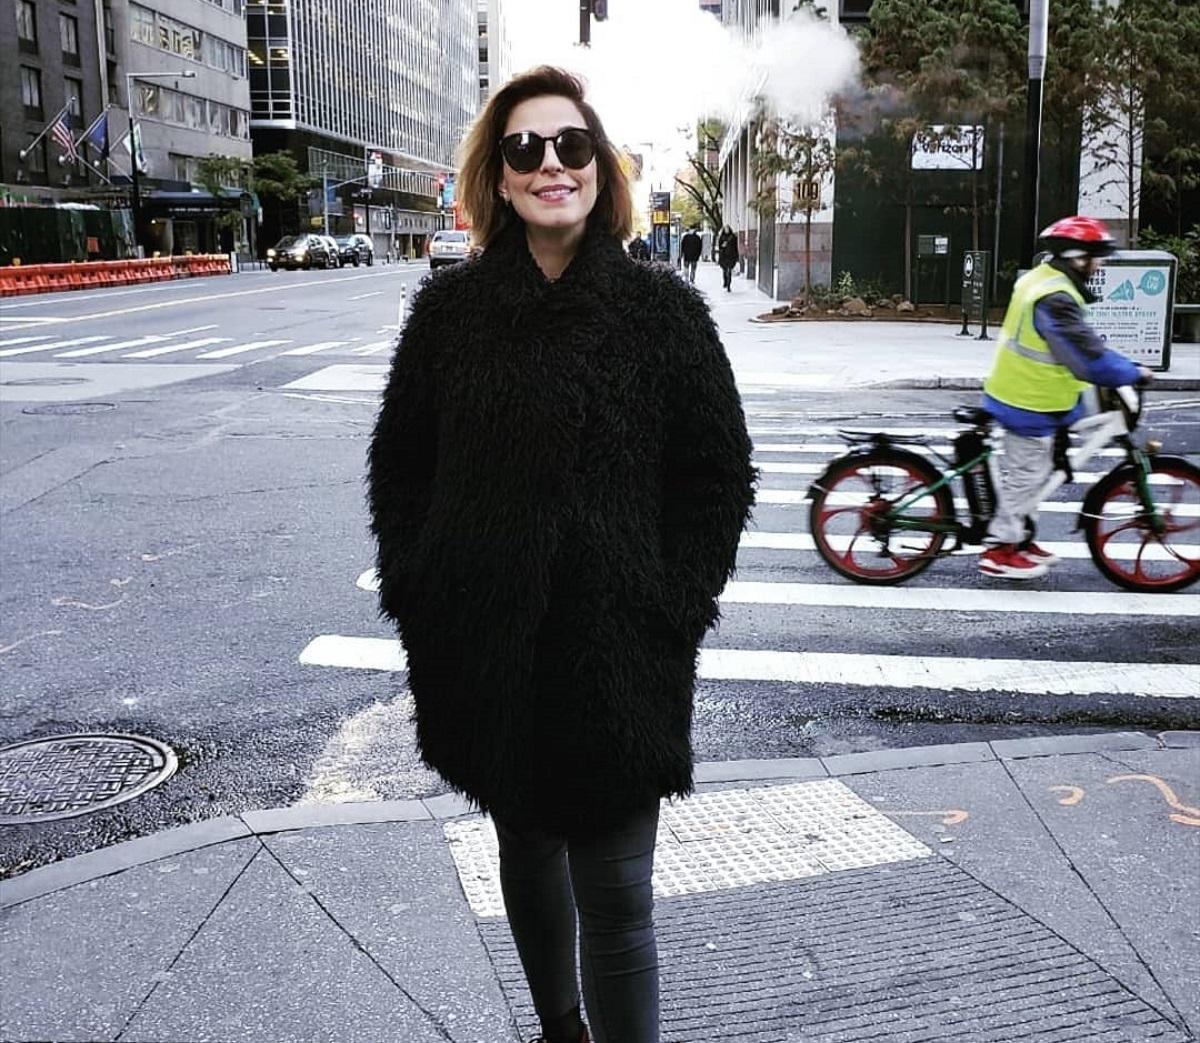 Κατερίνα Παπουτσάκη: Μετρά αντίστροφα για τη γέννηση του γιου της! Δες πόσο… έχει φουσκώσει η κοιλίτσα της [pics] | tlife.gr